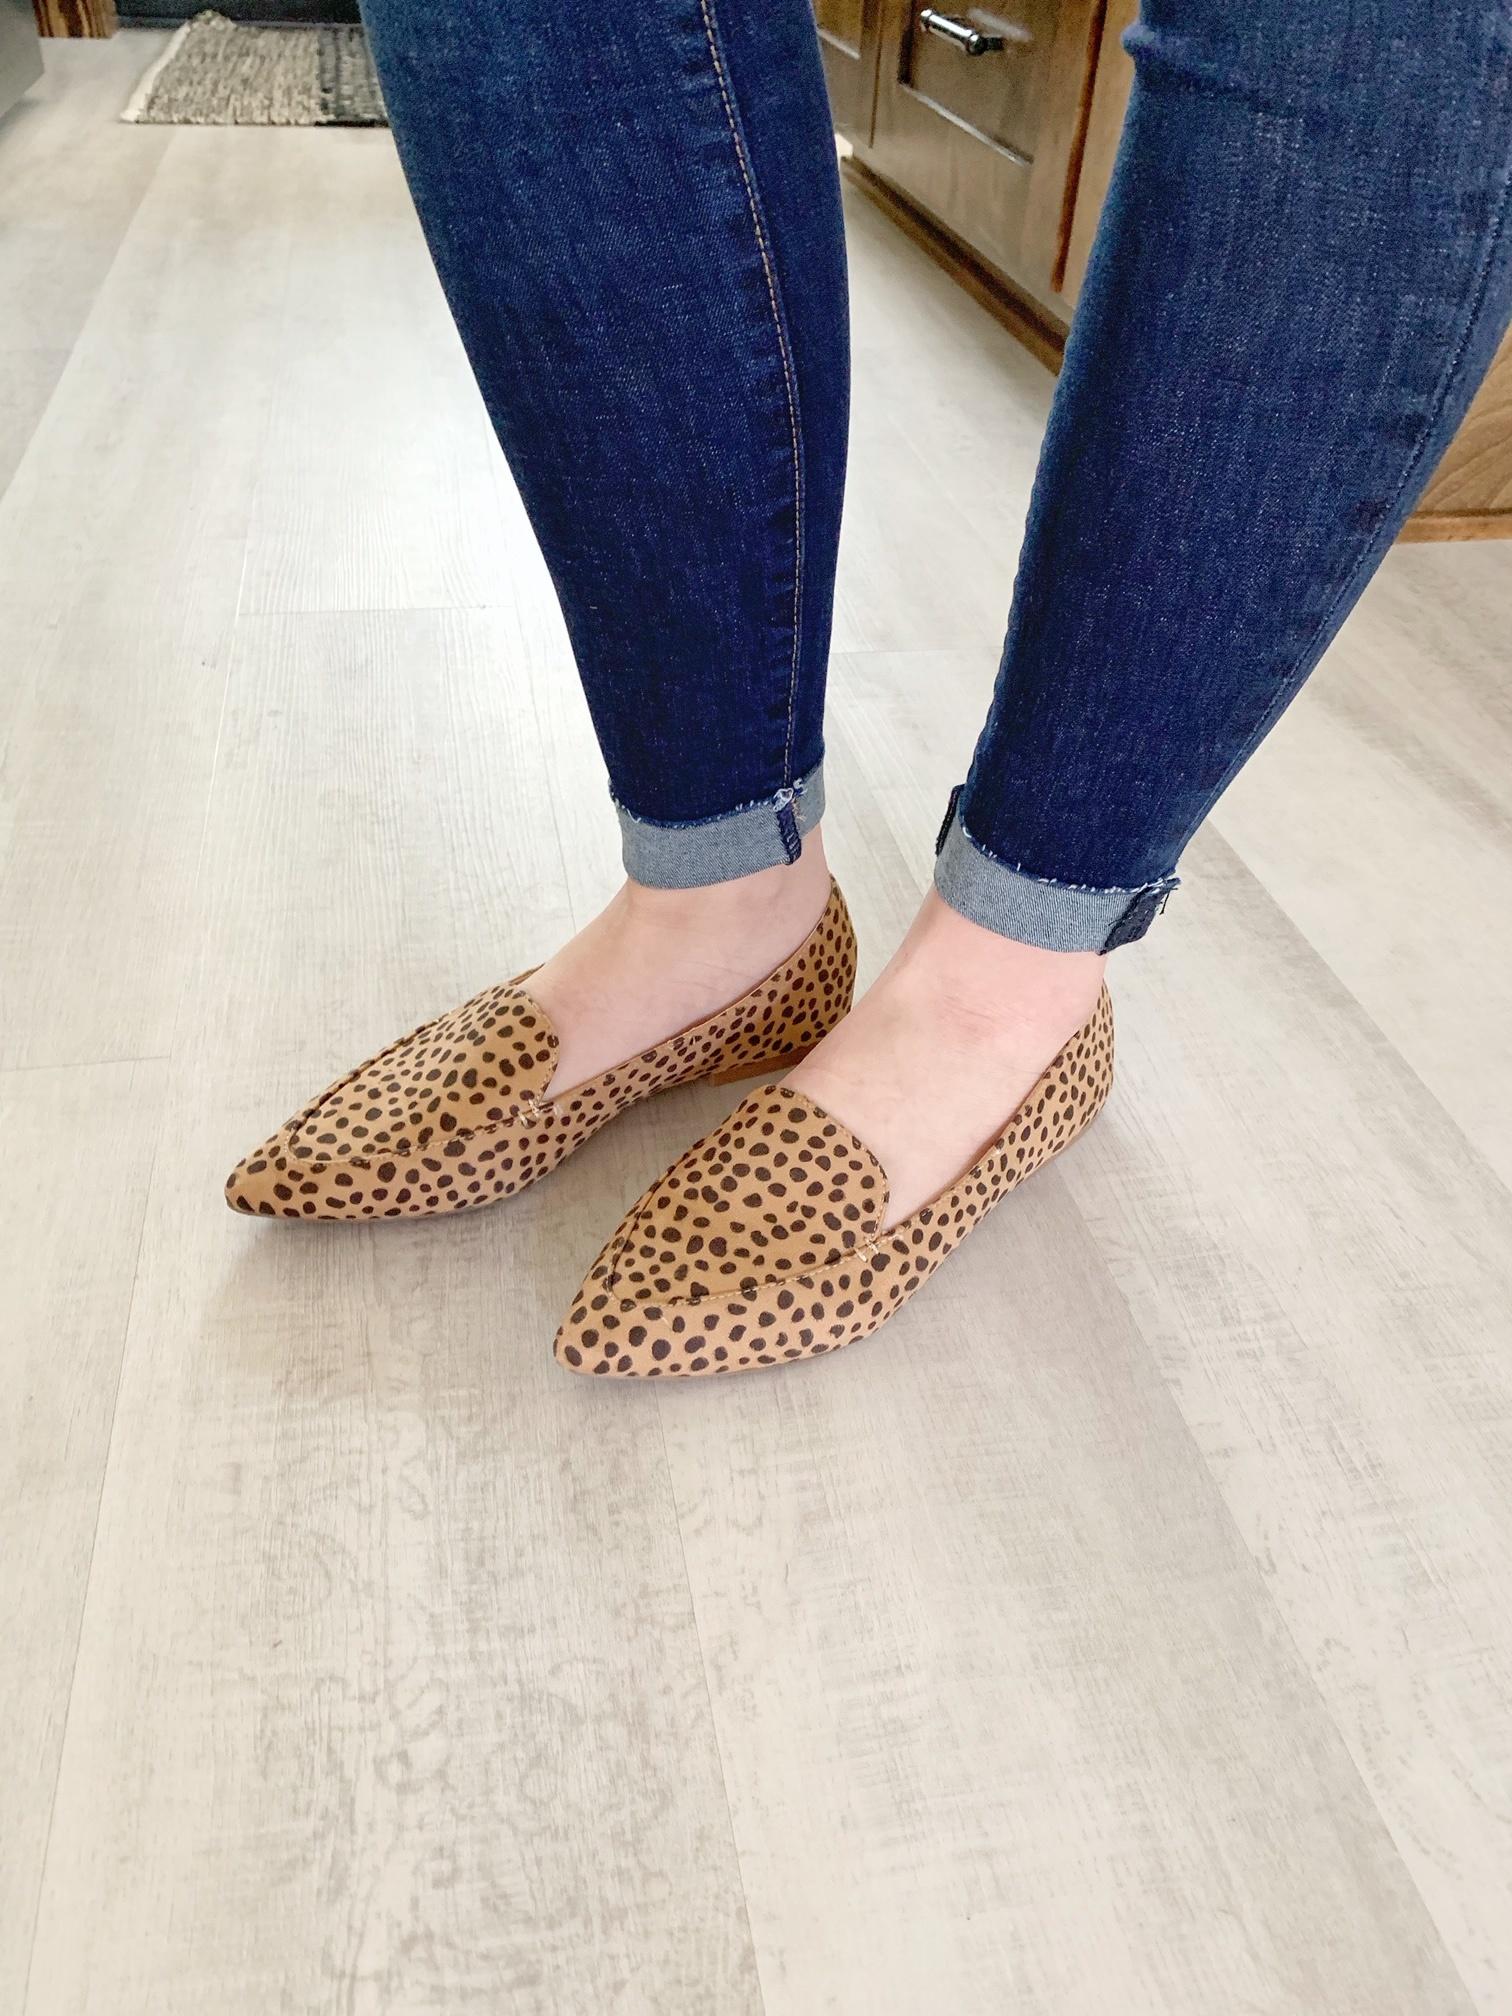 Cheetah Flat